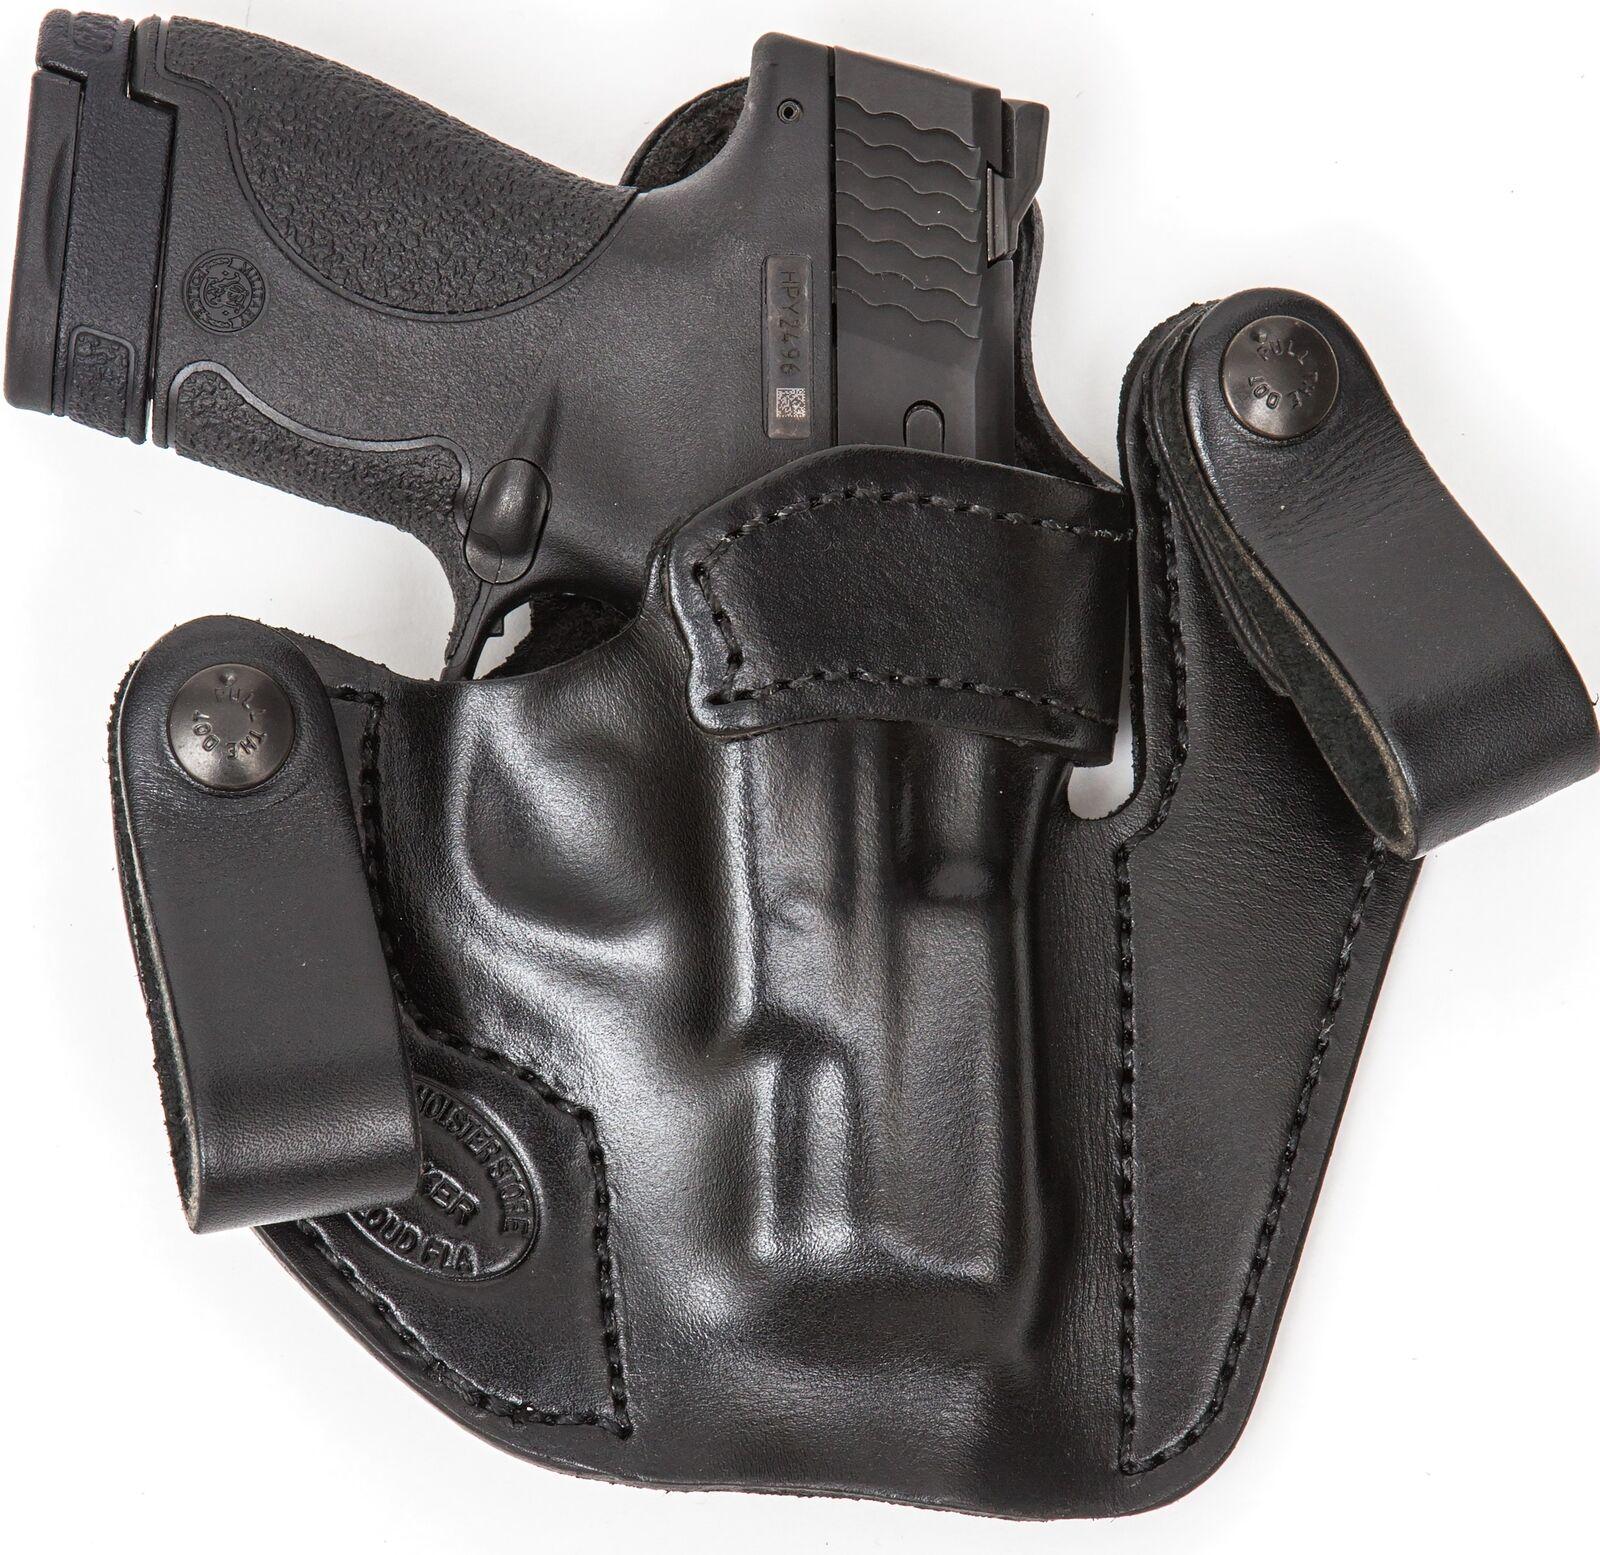 XTREME llevar RH LH dentro de la cintura de cuero Funda Pistola para Dan Wesson 1911 RZ-10